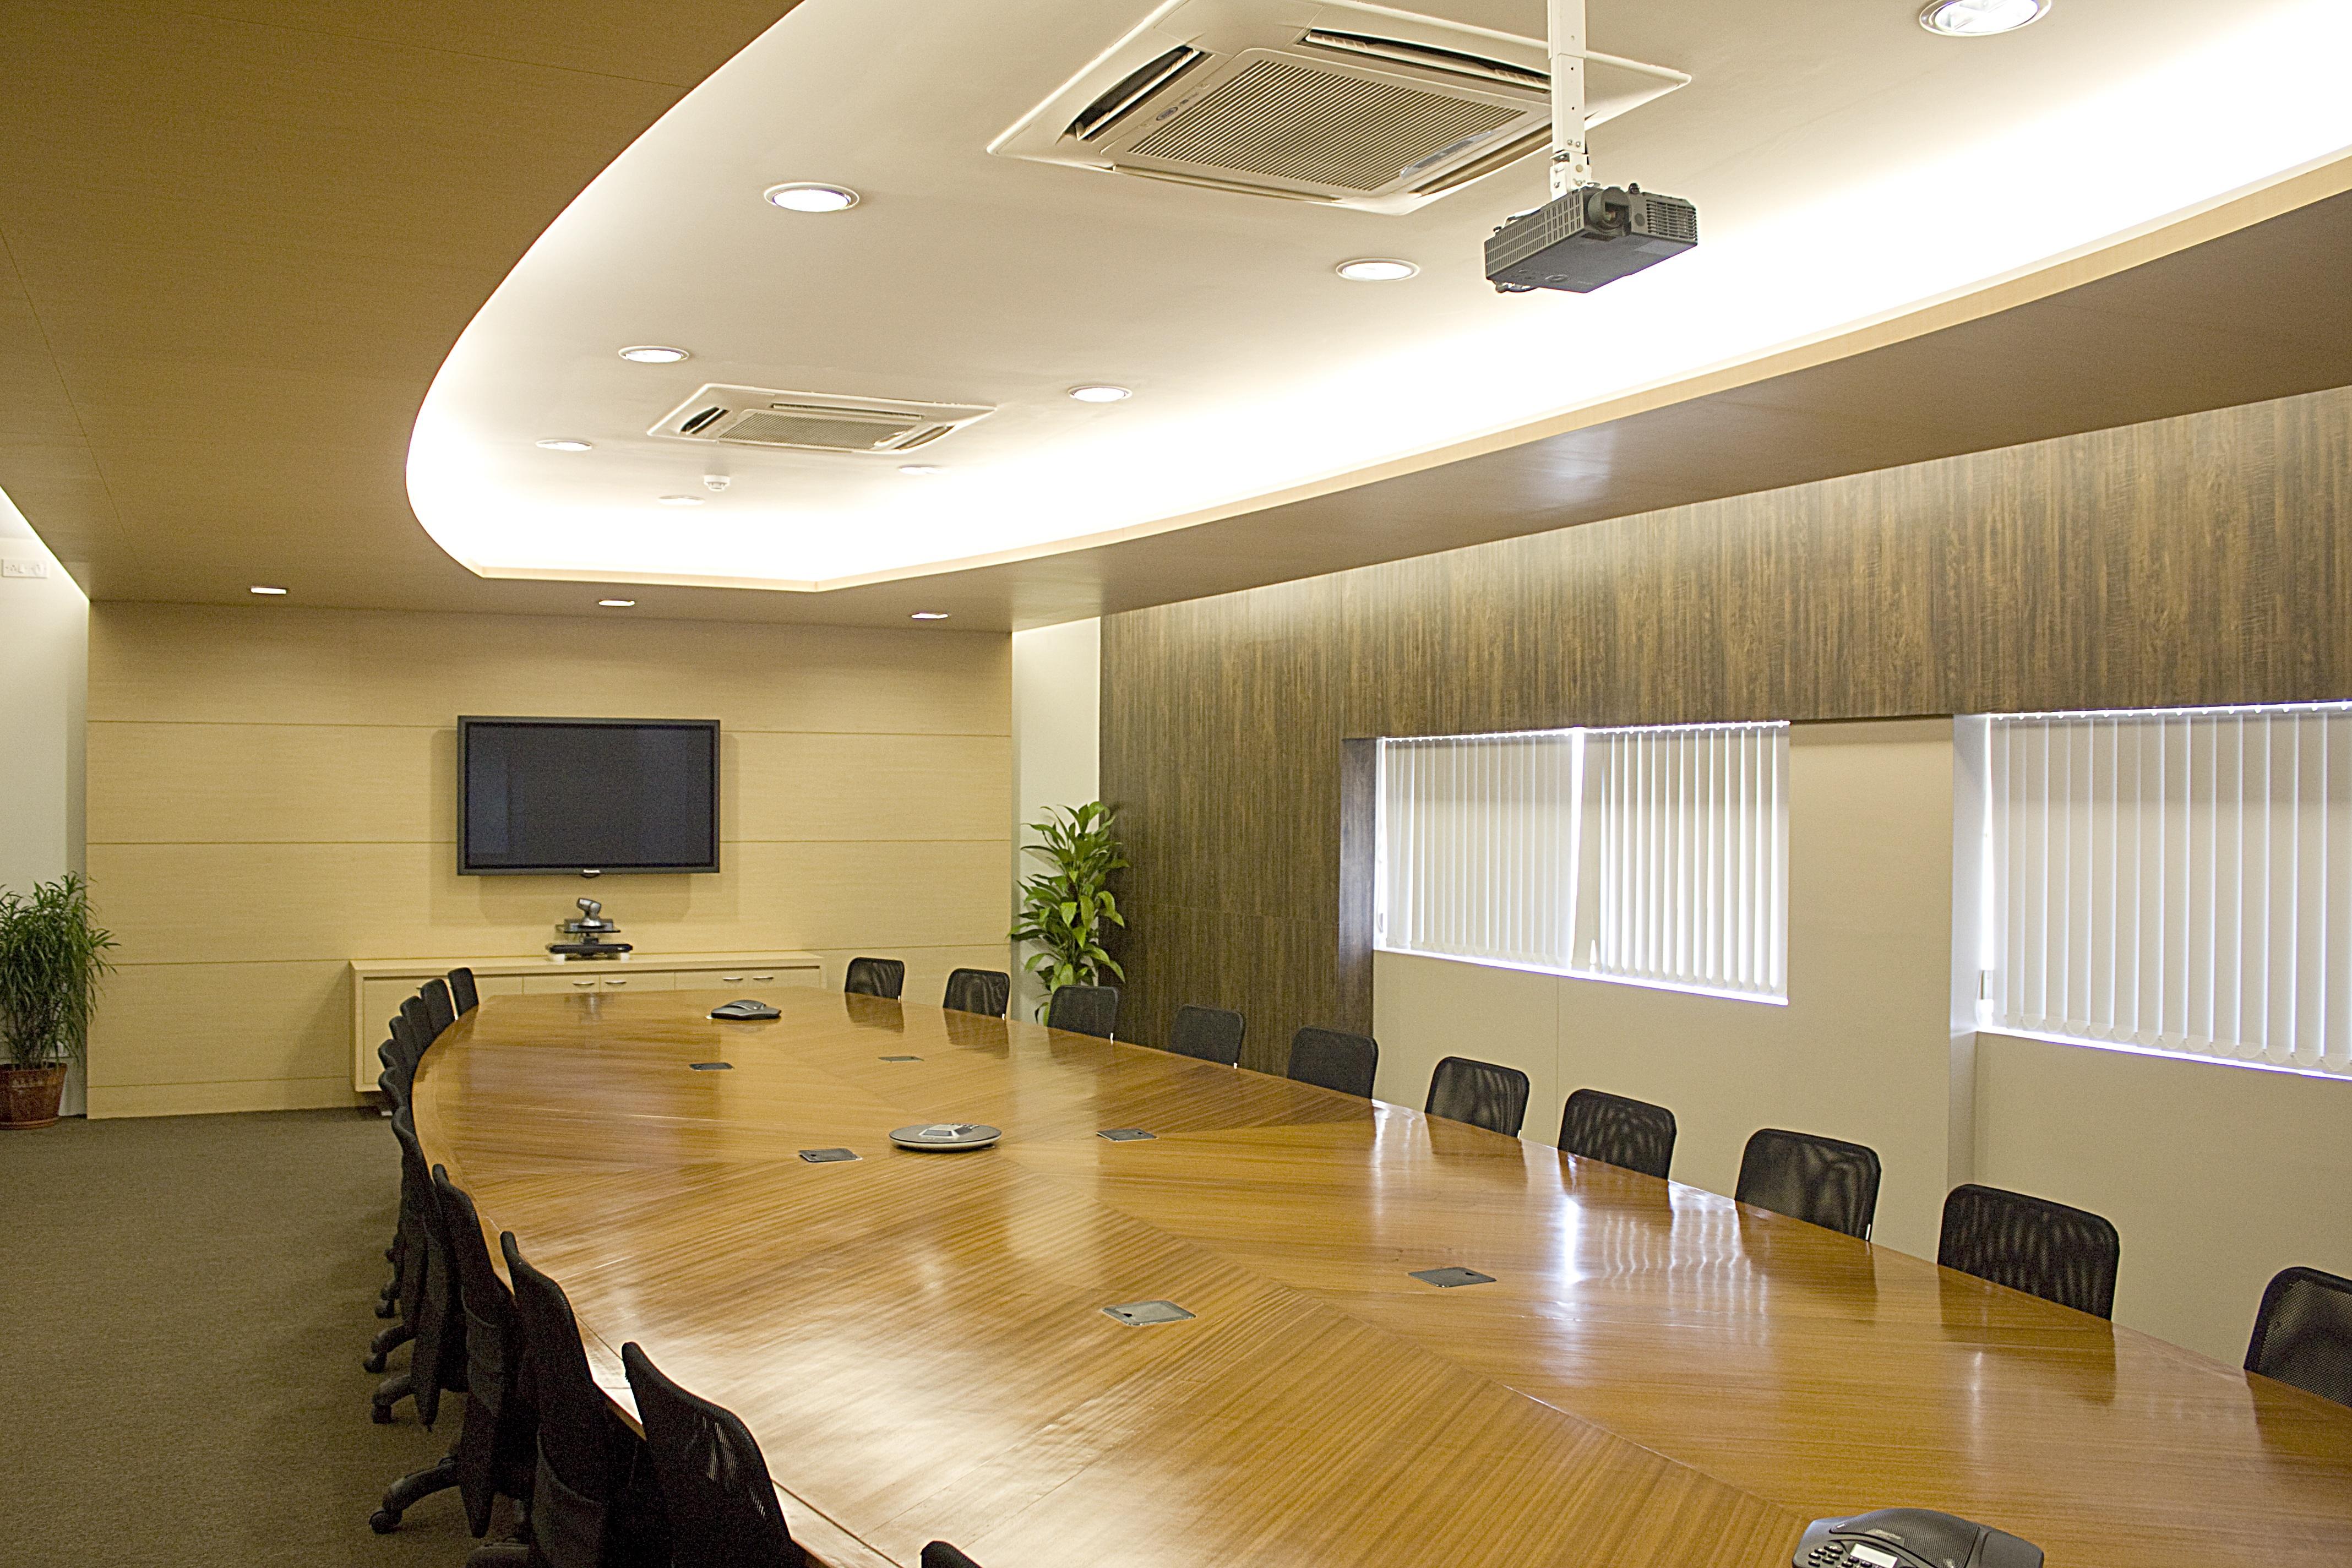 Free images auditorium meeting ceiling corporate for Professional room designer